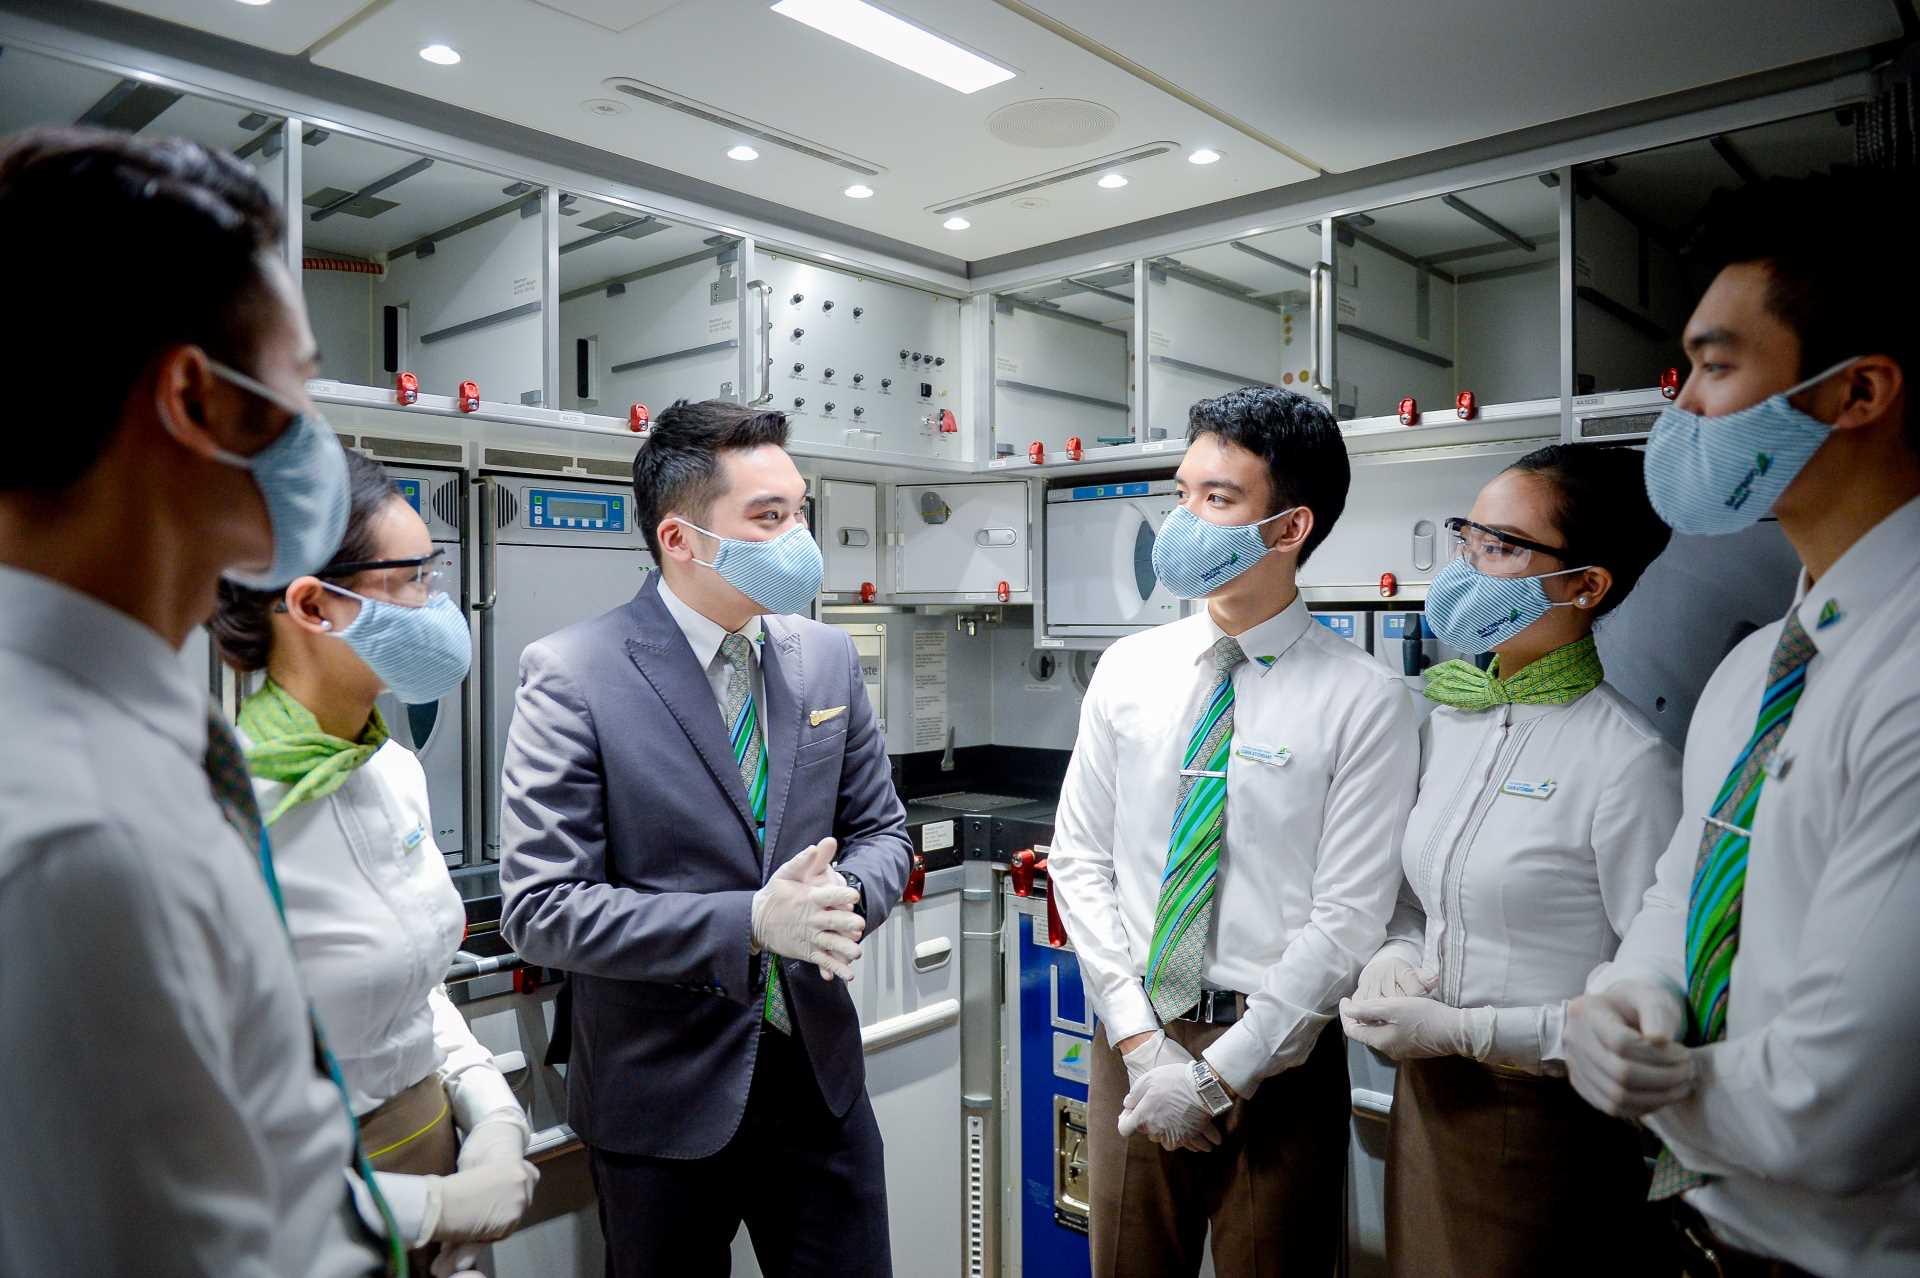 Đội ngũ tiếp viên, nhân viên của Bamboo Airways được cung cấp đầy đủ thiết bị bảo hộ phòng chống COVID-19